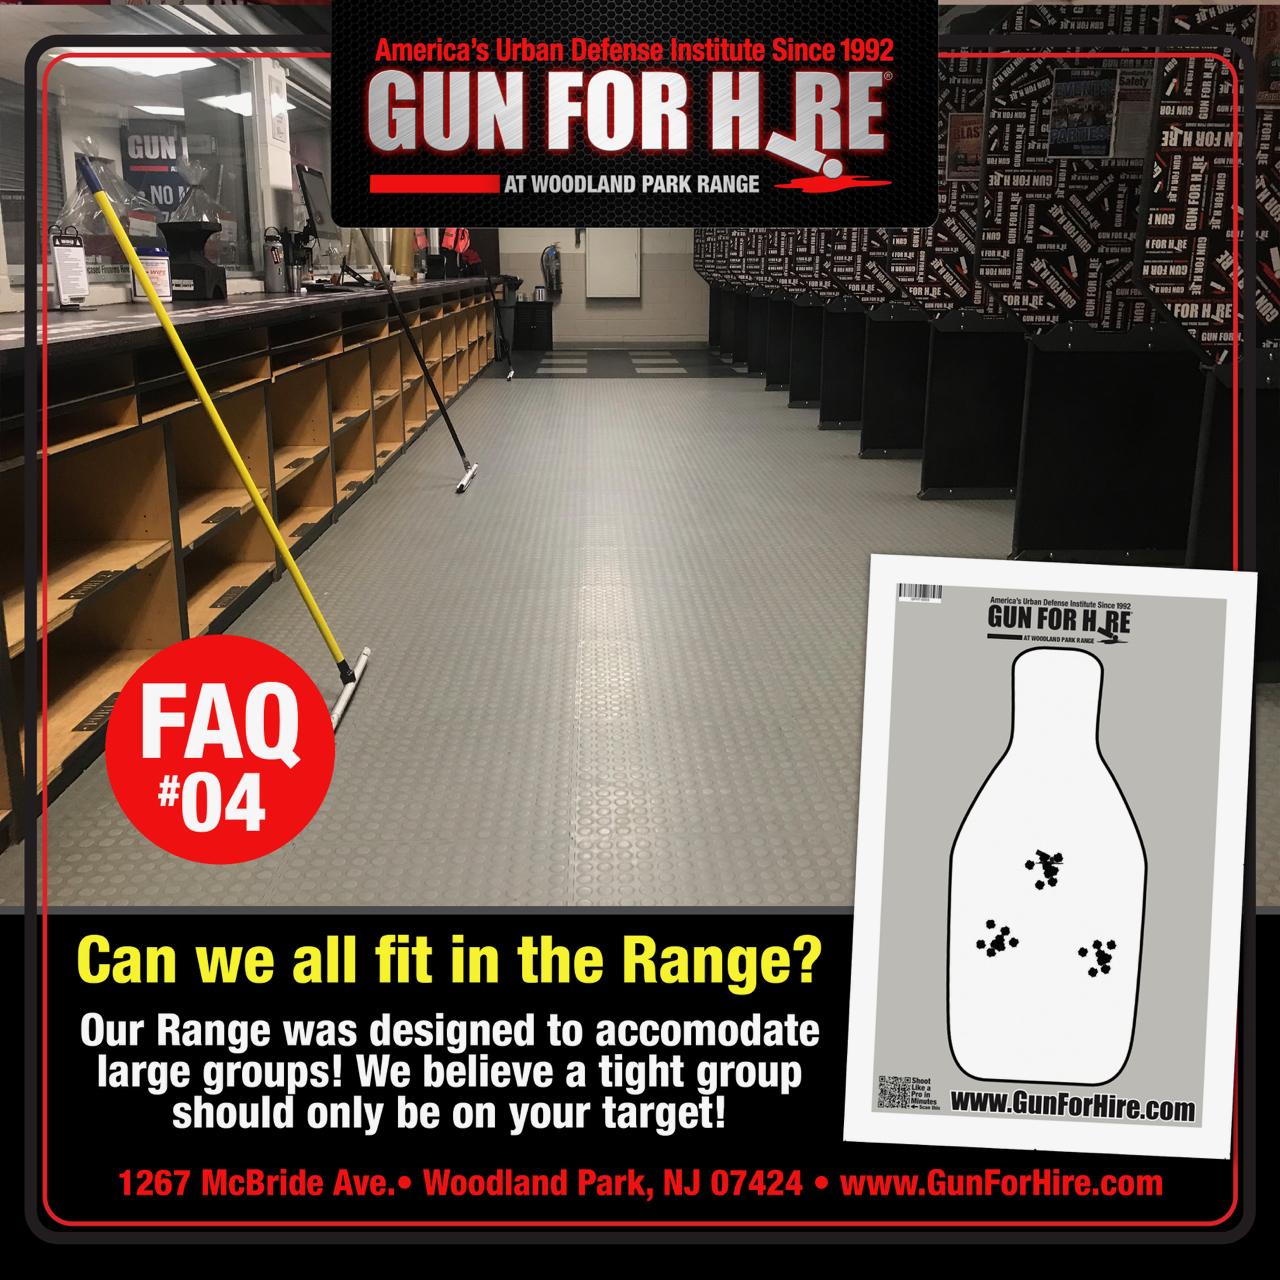 FAQ 04 - FAQ'S